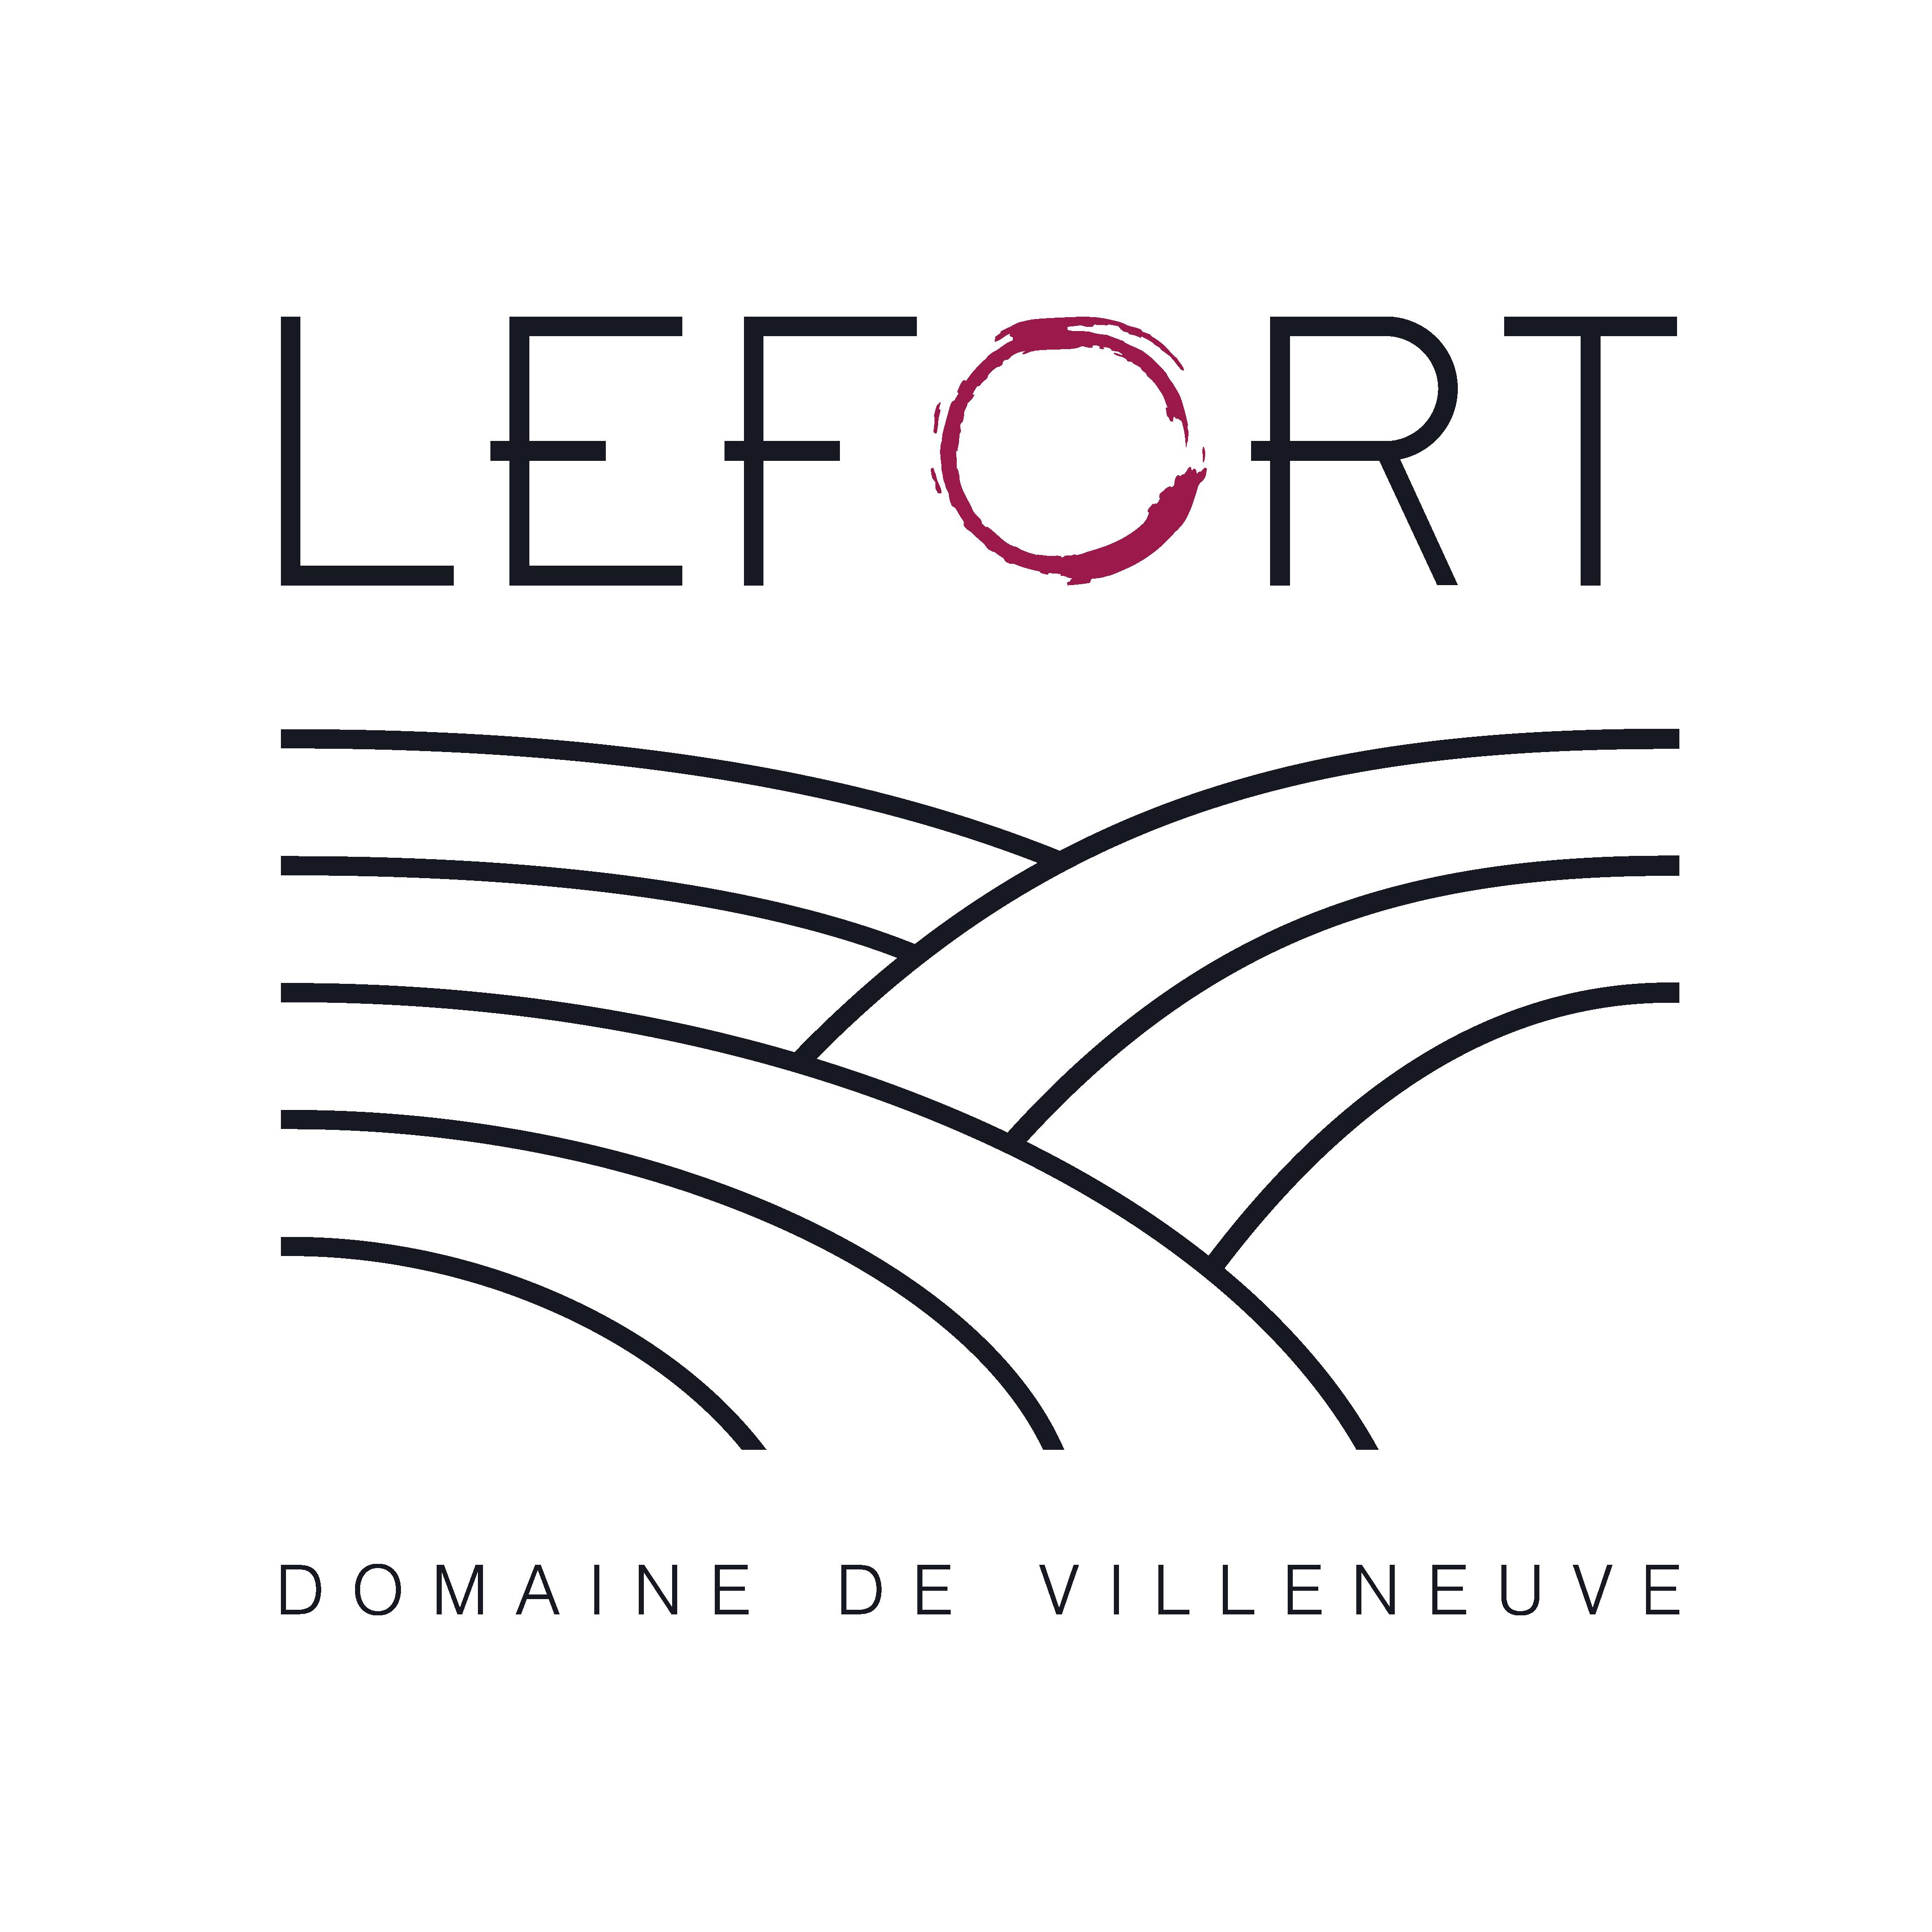 Logo Domaine de Villeneuve